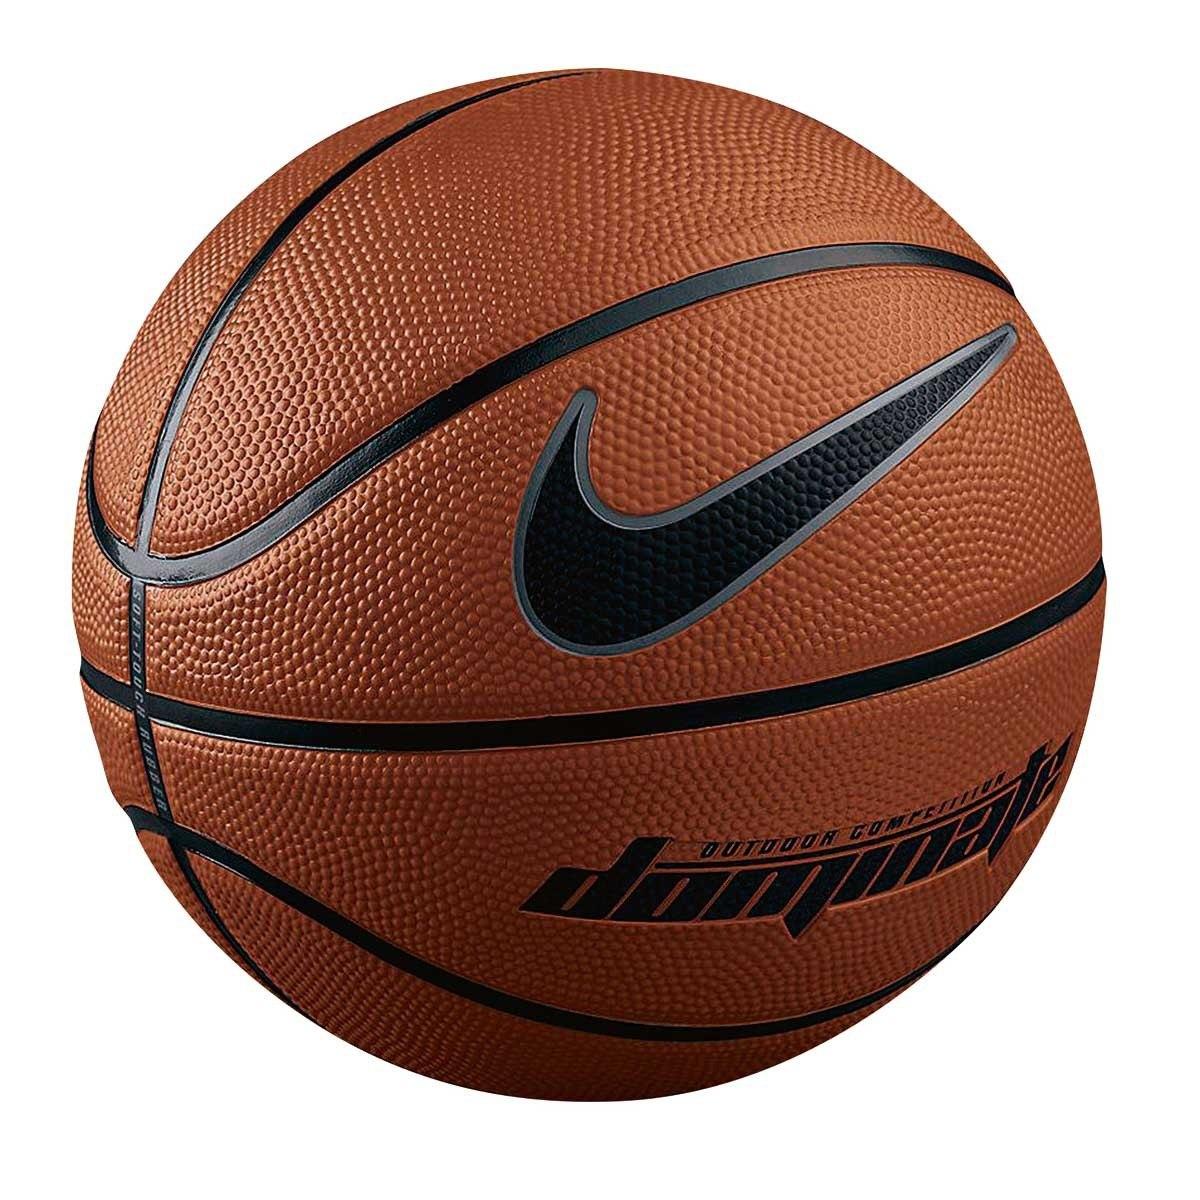 6bb6b61379a15 bola de basquete nike dominate marrom - tam 7 original. Carregando zoom.